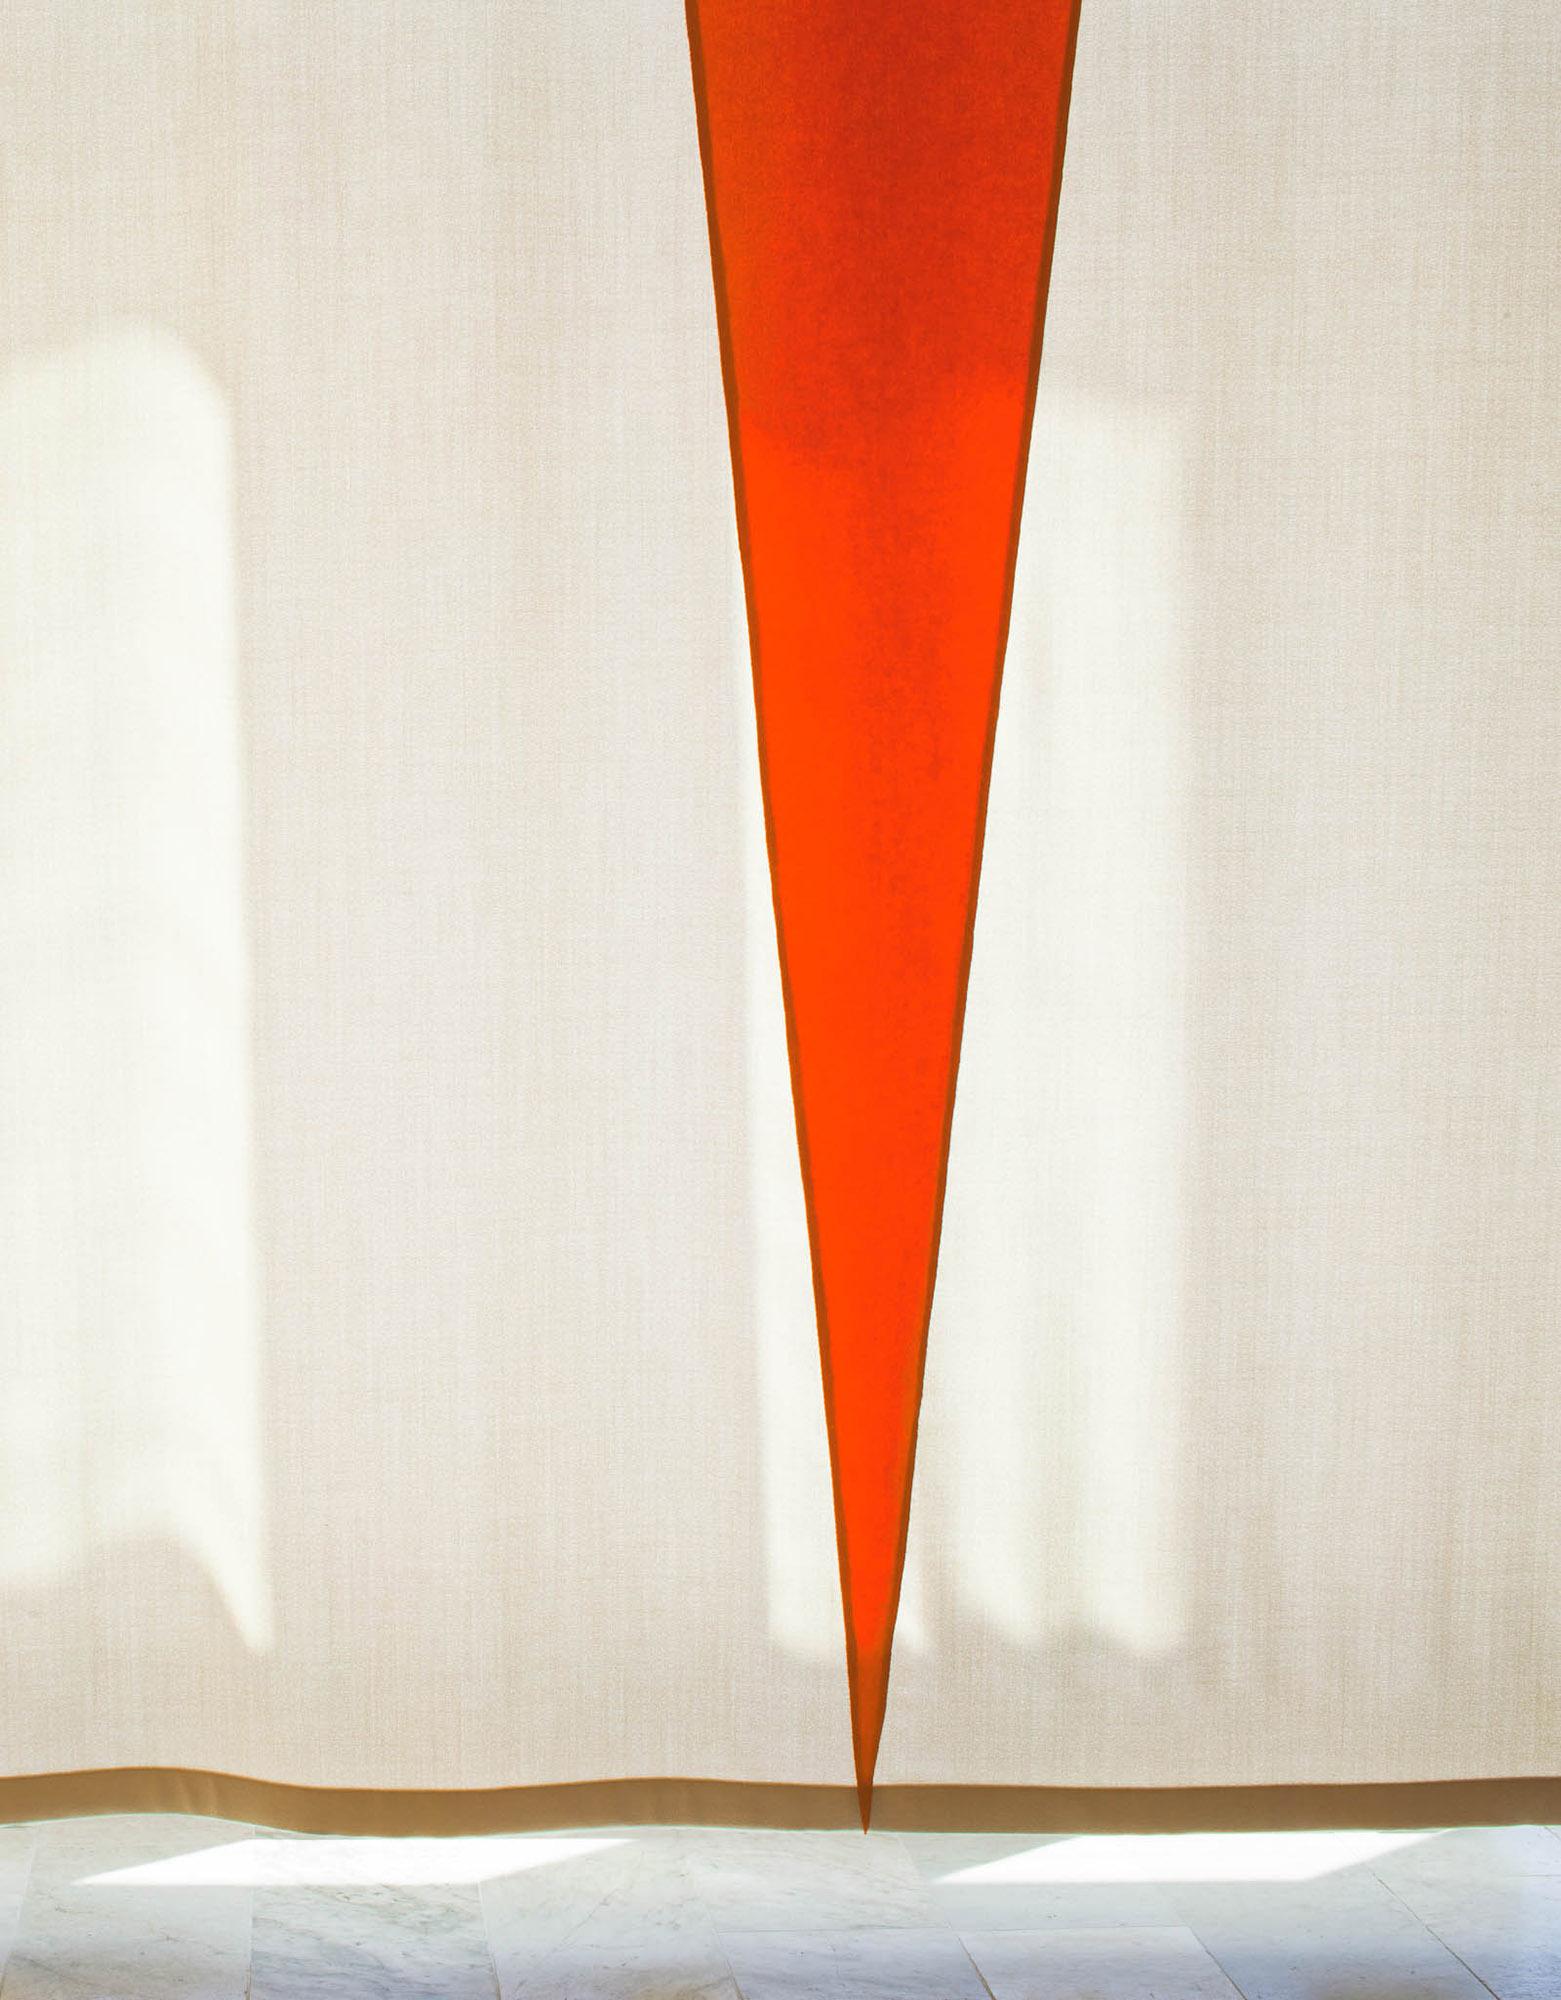 Del av ridån, i vitt och rött. Ann Edholm, Dialogos, 2013